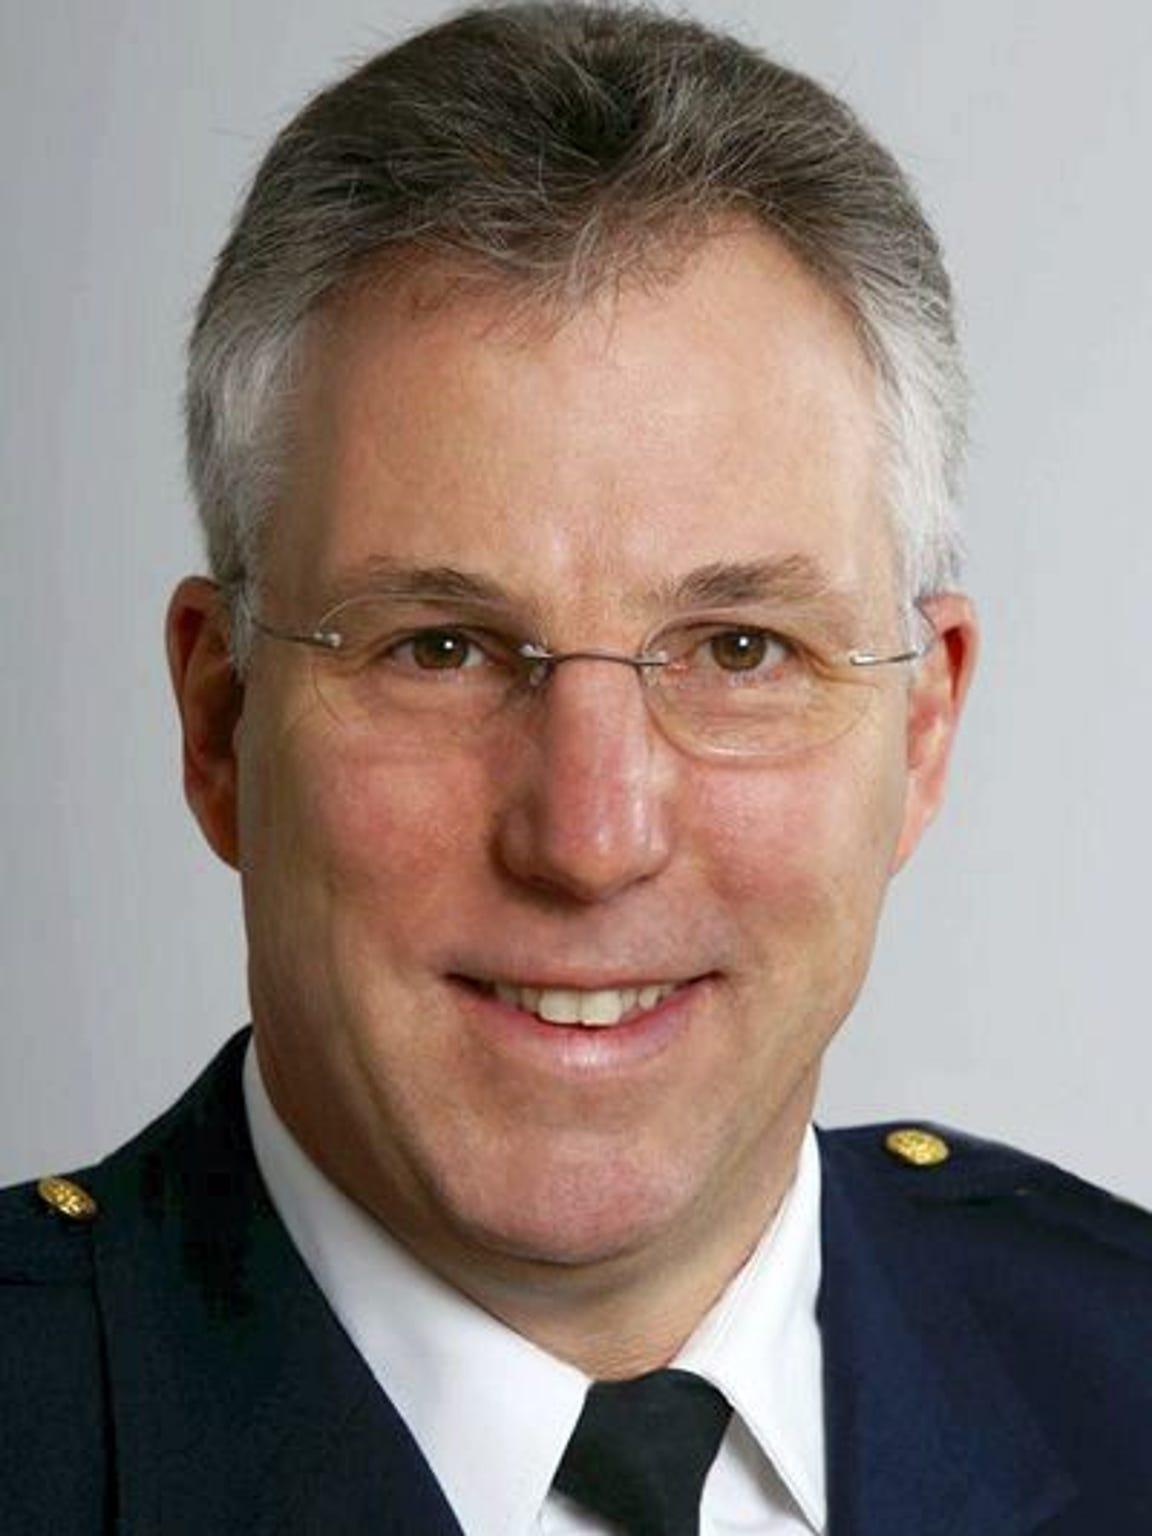 York County Sheriff Richard Keuerleber